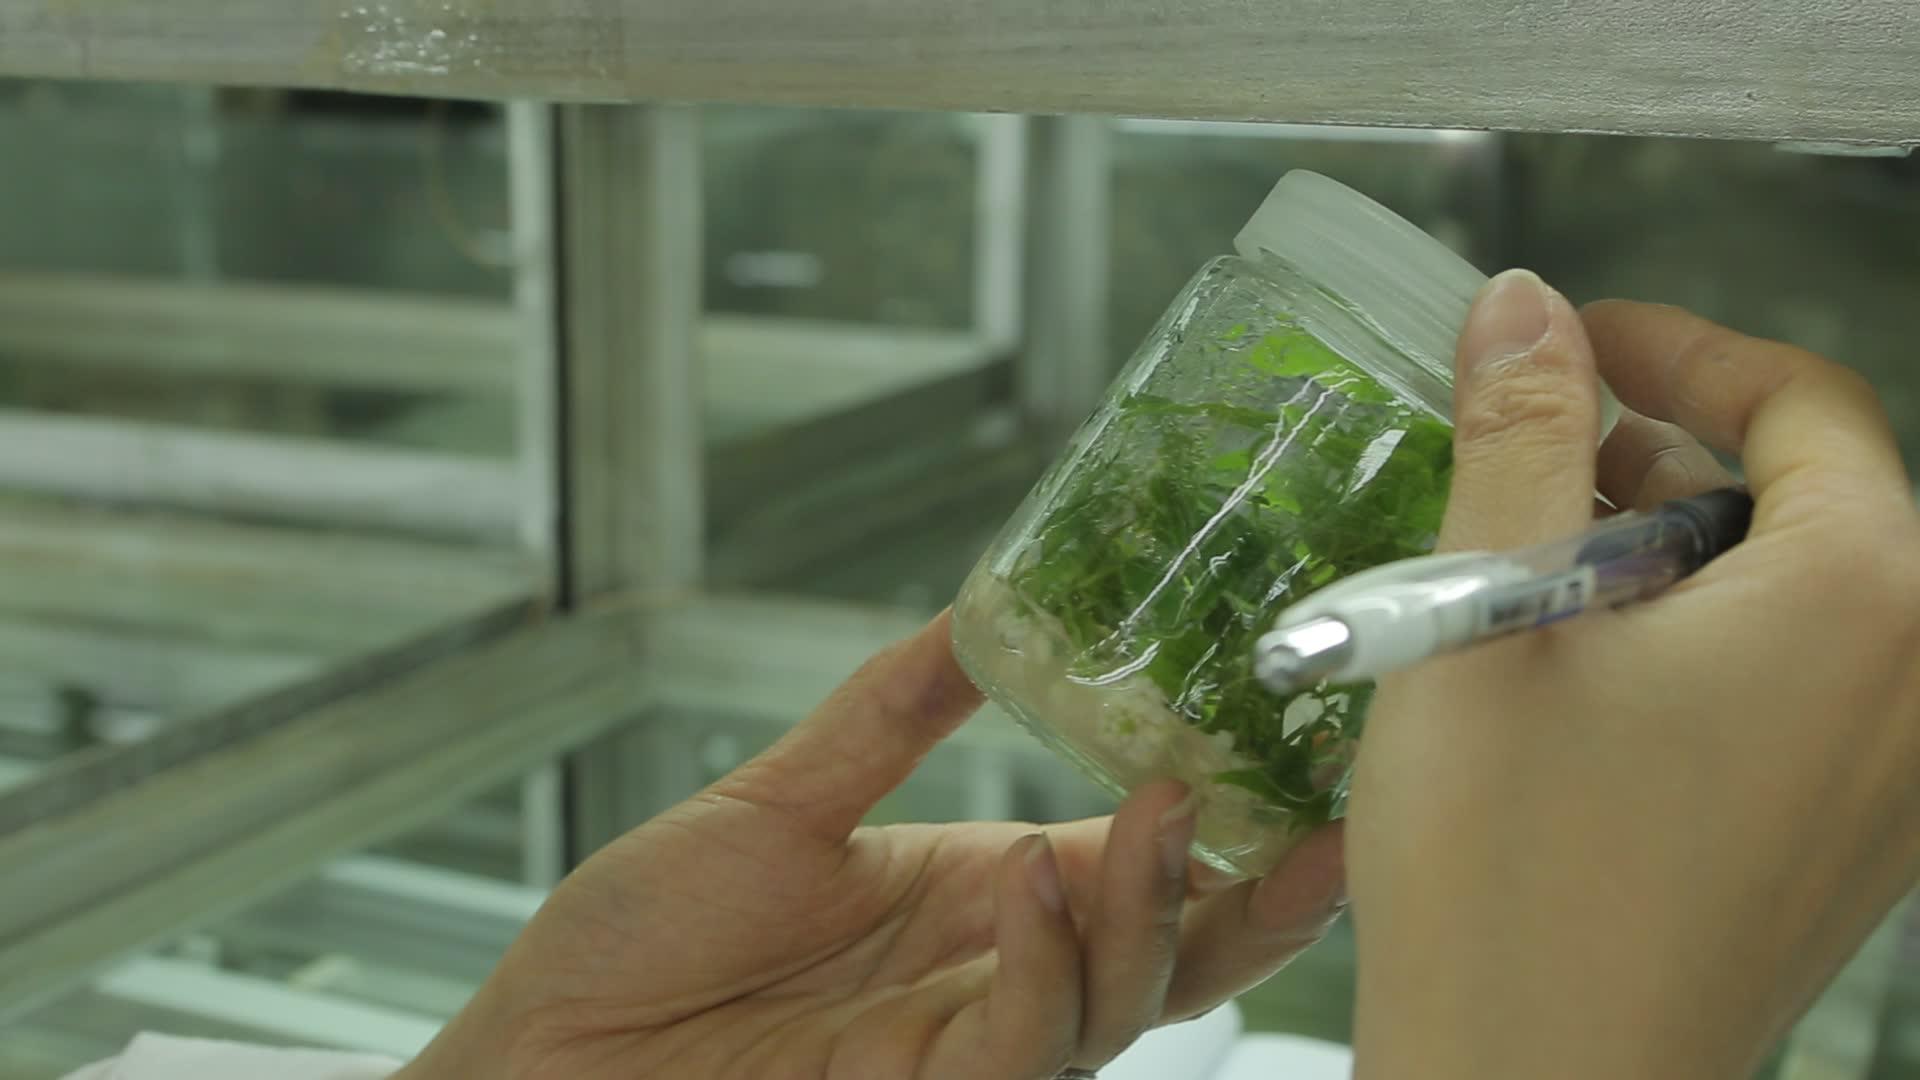 Organic Fruit Extract Hunan Luo Han Guo Beverage Monk Fruit Sweetener